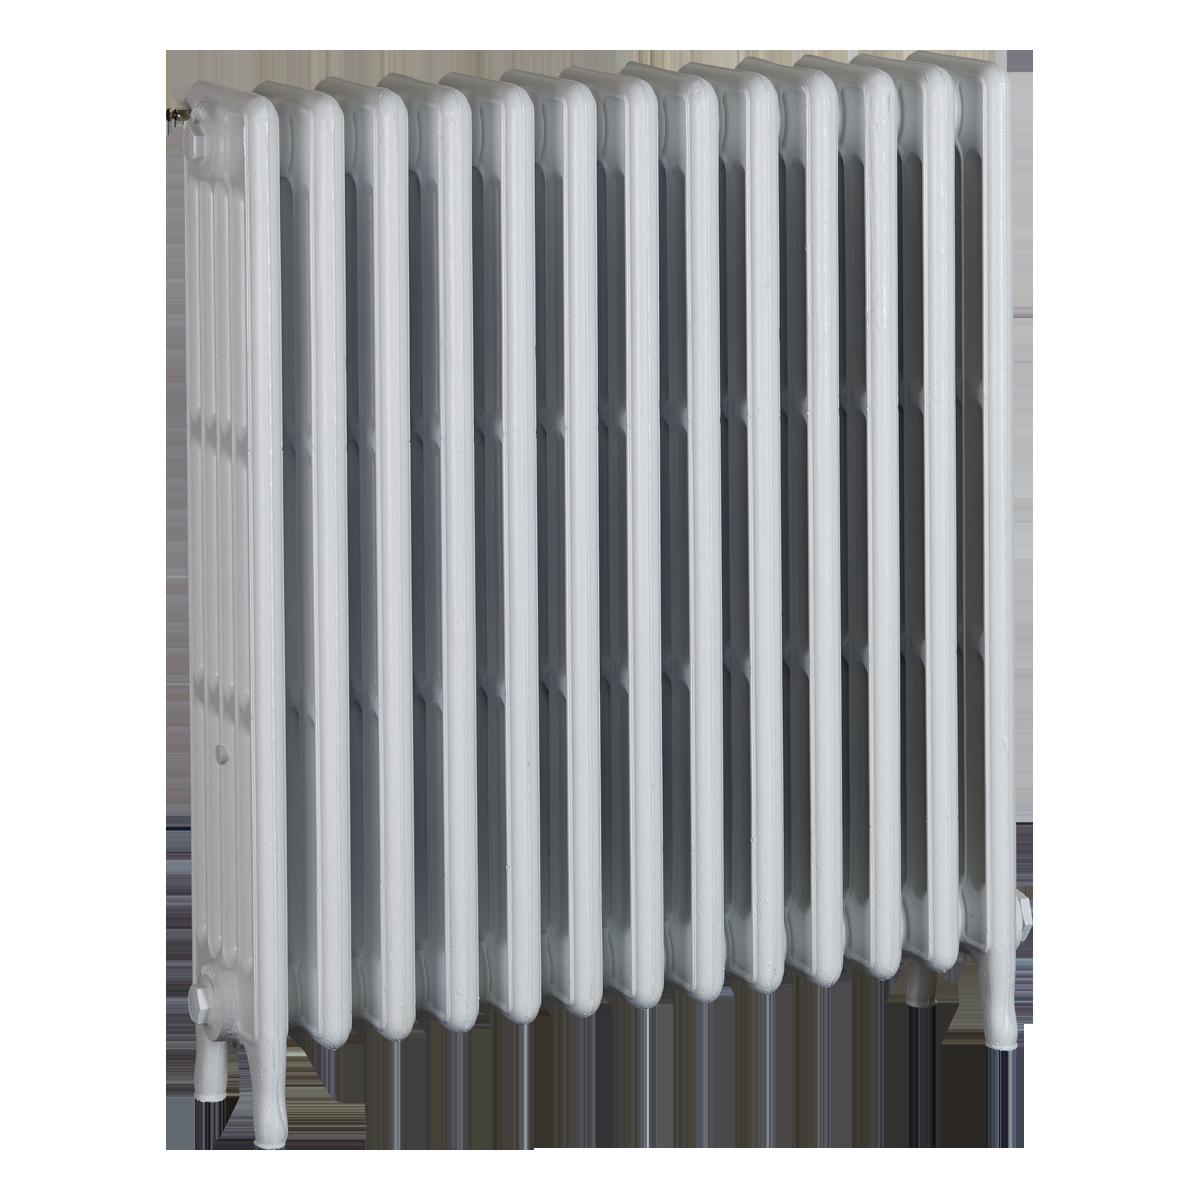 Ironworks Radiators Inc. refurbished cast iron radiator Shaftesbury in Semi-gloss white